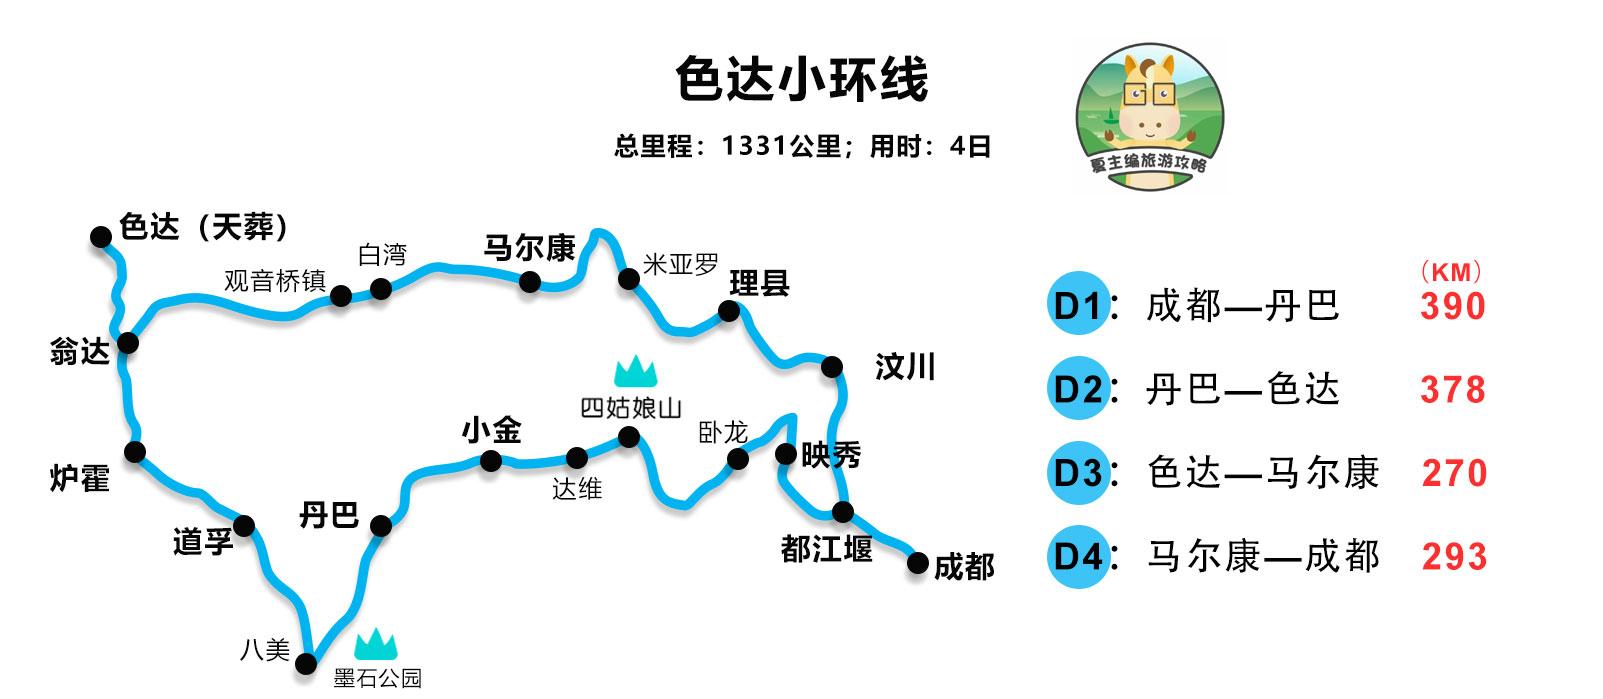 自驾川西2400公里3-8天,最美6大线路介绍,日程住宿规划(路书)